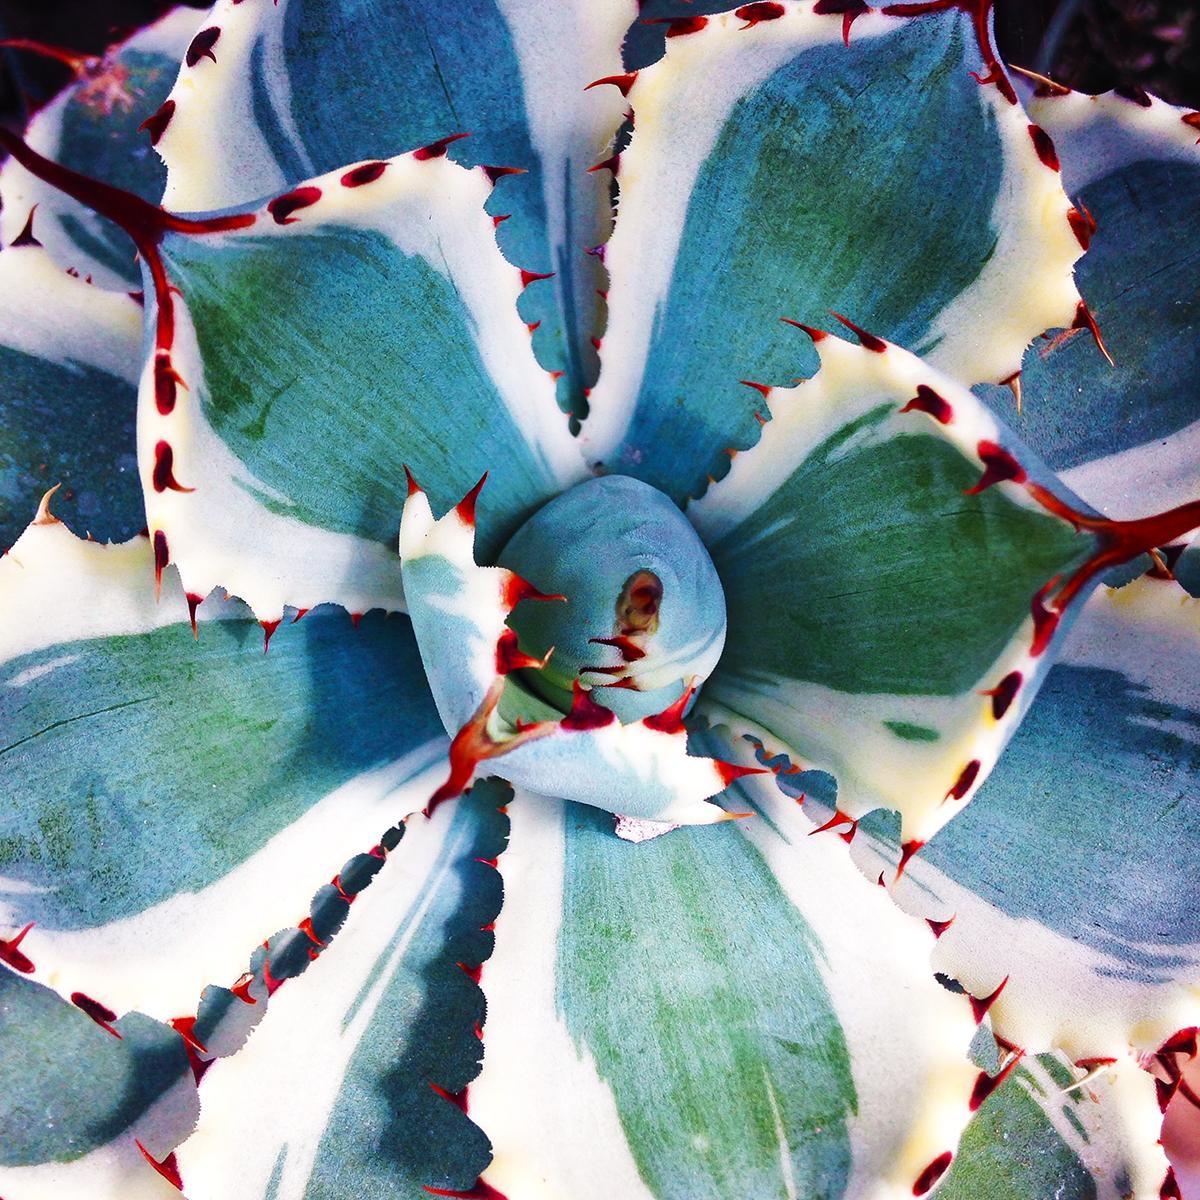 succulent-edited-1200x1200